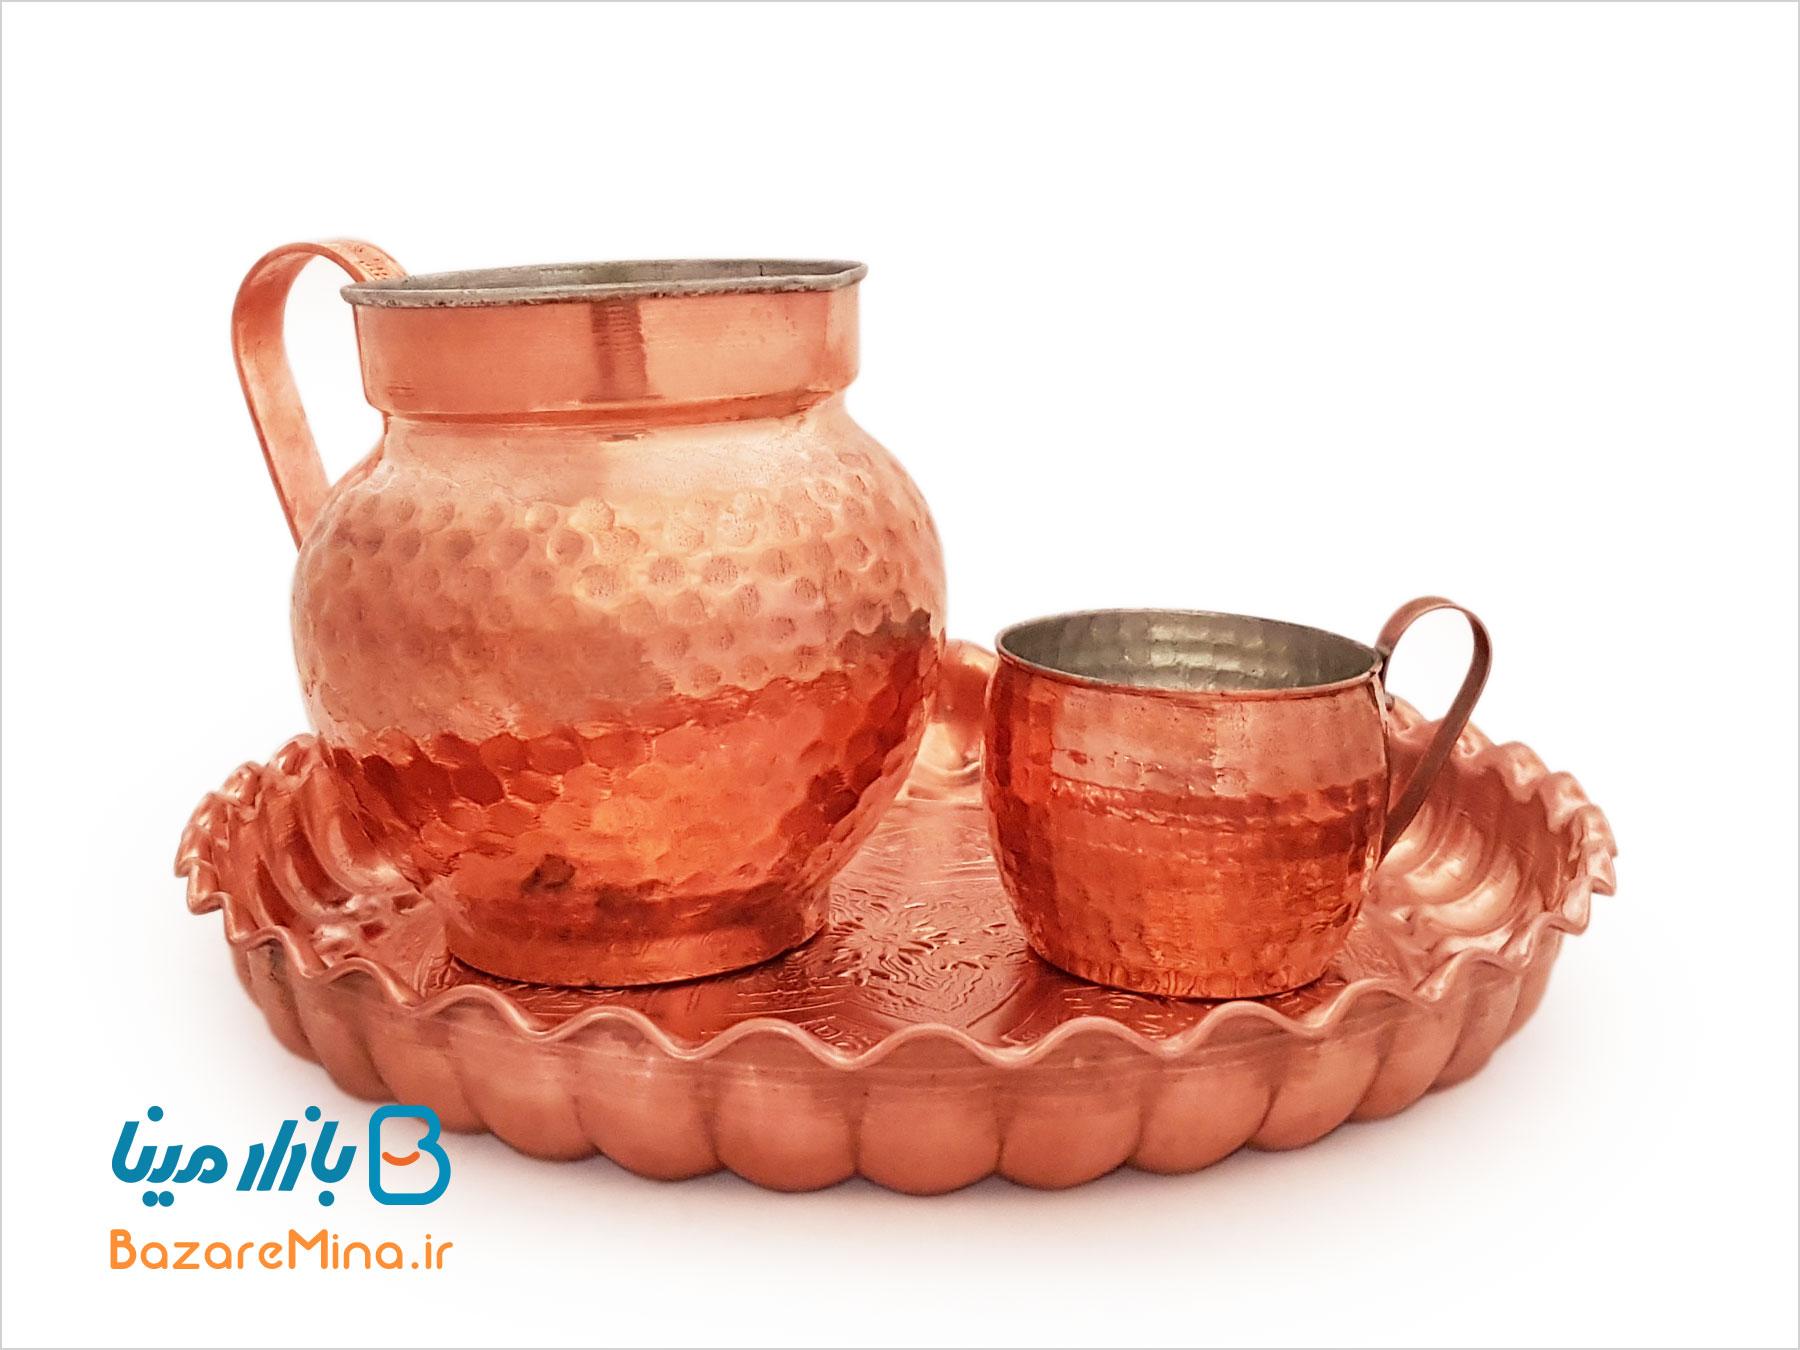 قیمت سینی مسی اصفهان